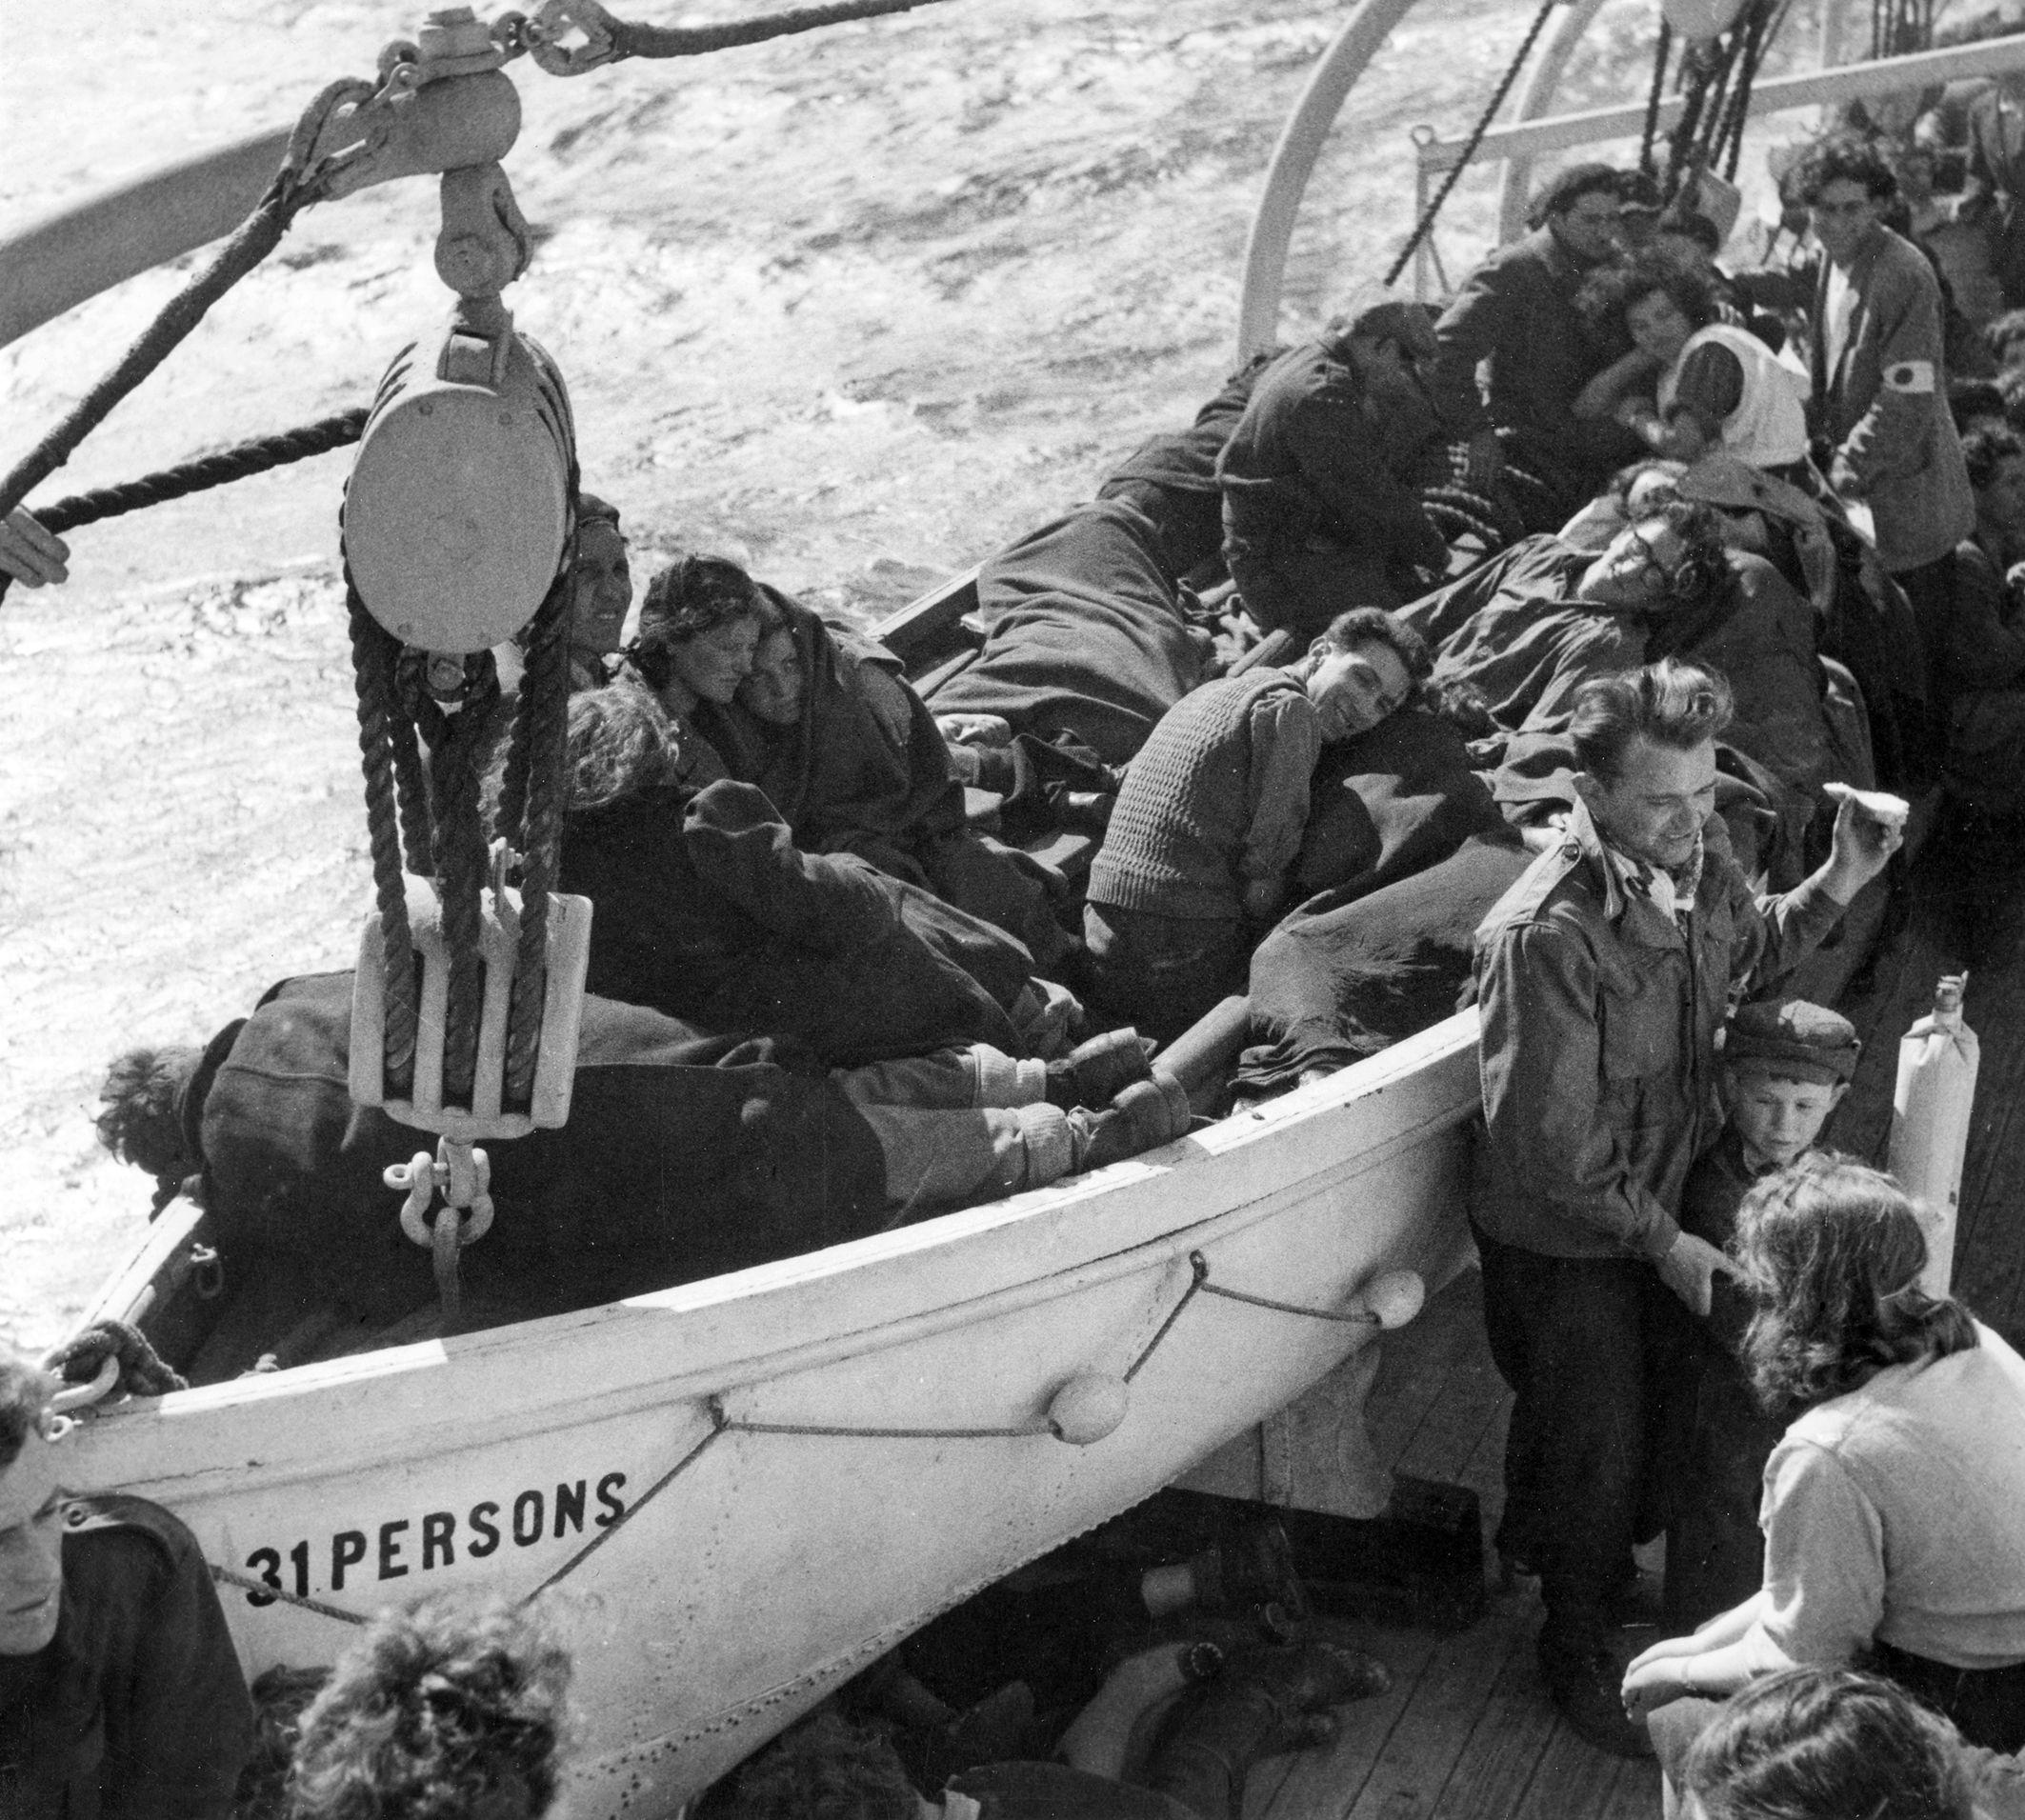 Захваченная англичанами лодка с незаконными иммигрантами доставлена в порт Хайфы